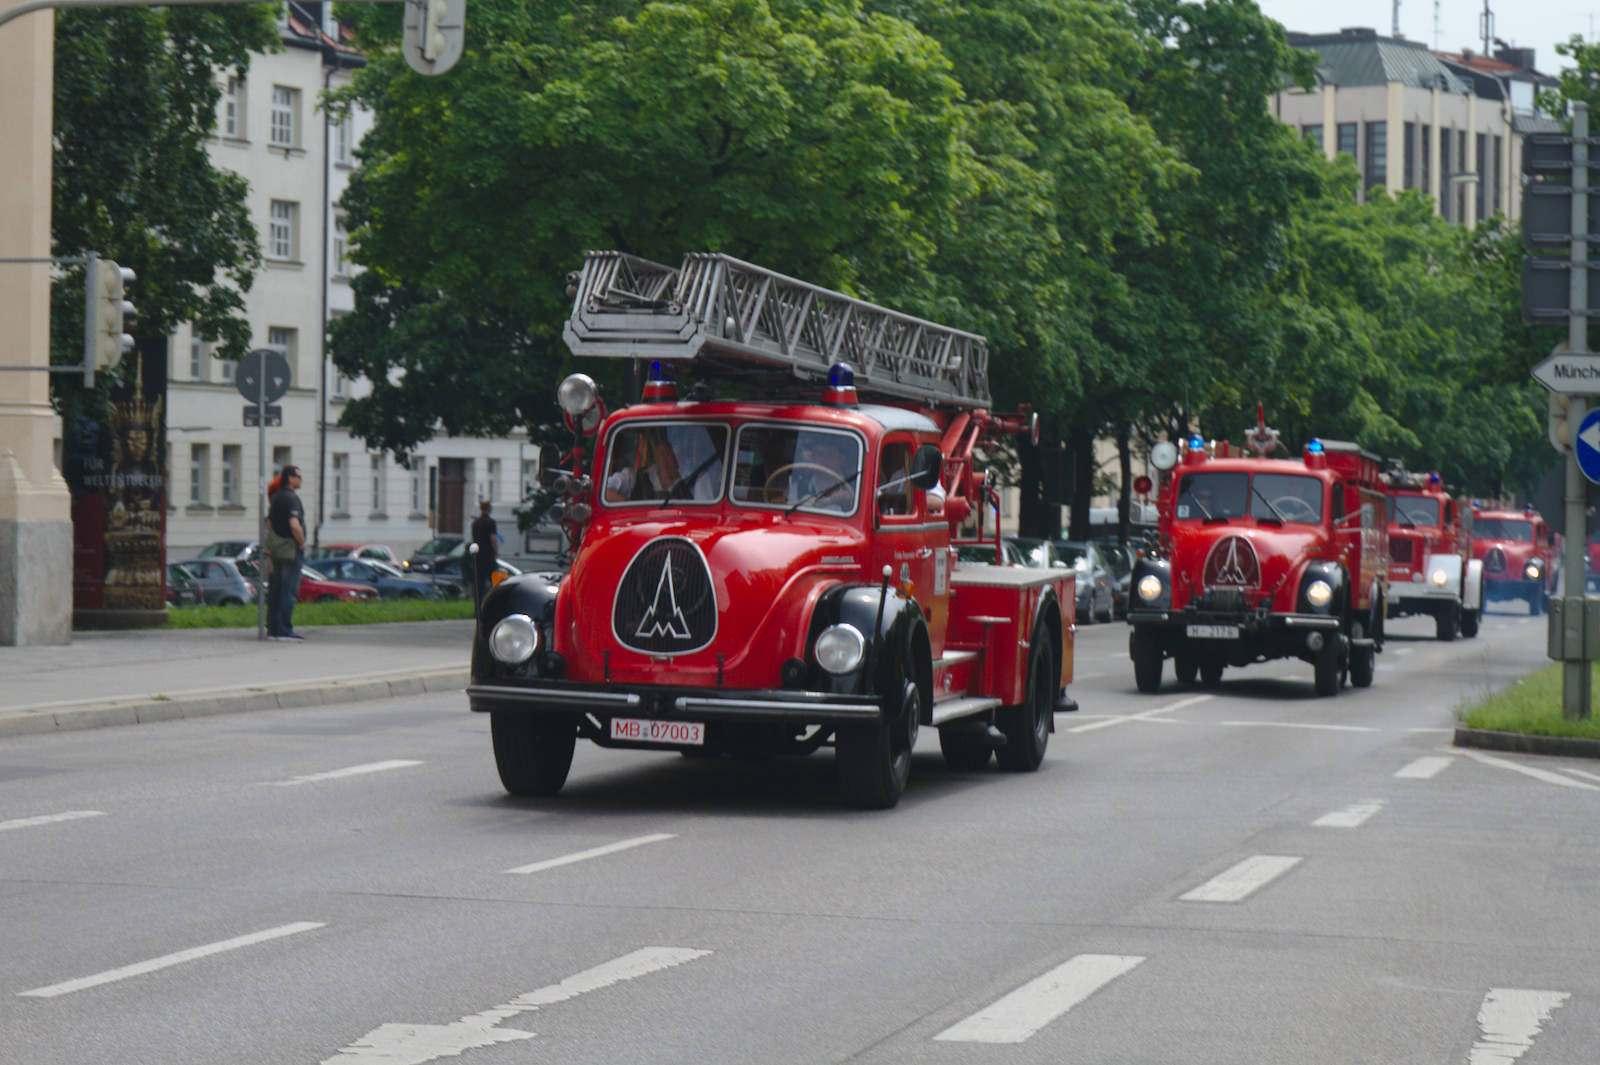 volunteer fire department15 150 Years Volunteer Fire Department in Munich